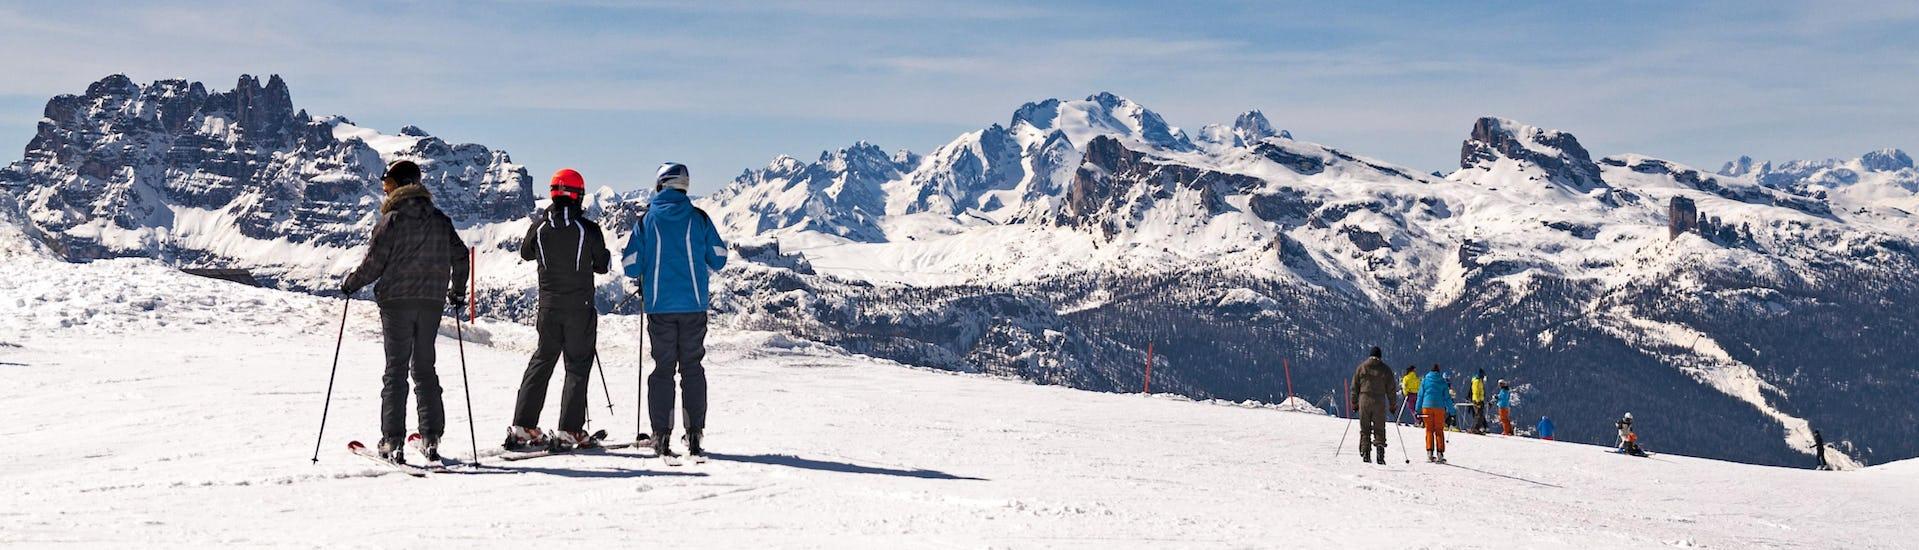 Vue panoramique sur les Dolomites avec des skieurs participants à des cours de ski des écoles de ski du domaine skiable Cortina d'Ampezzo.